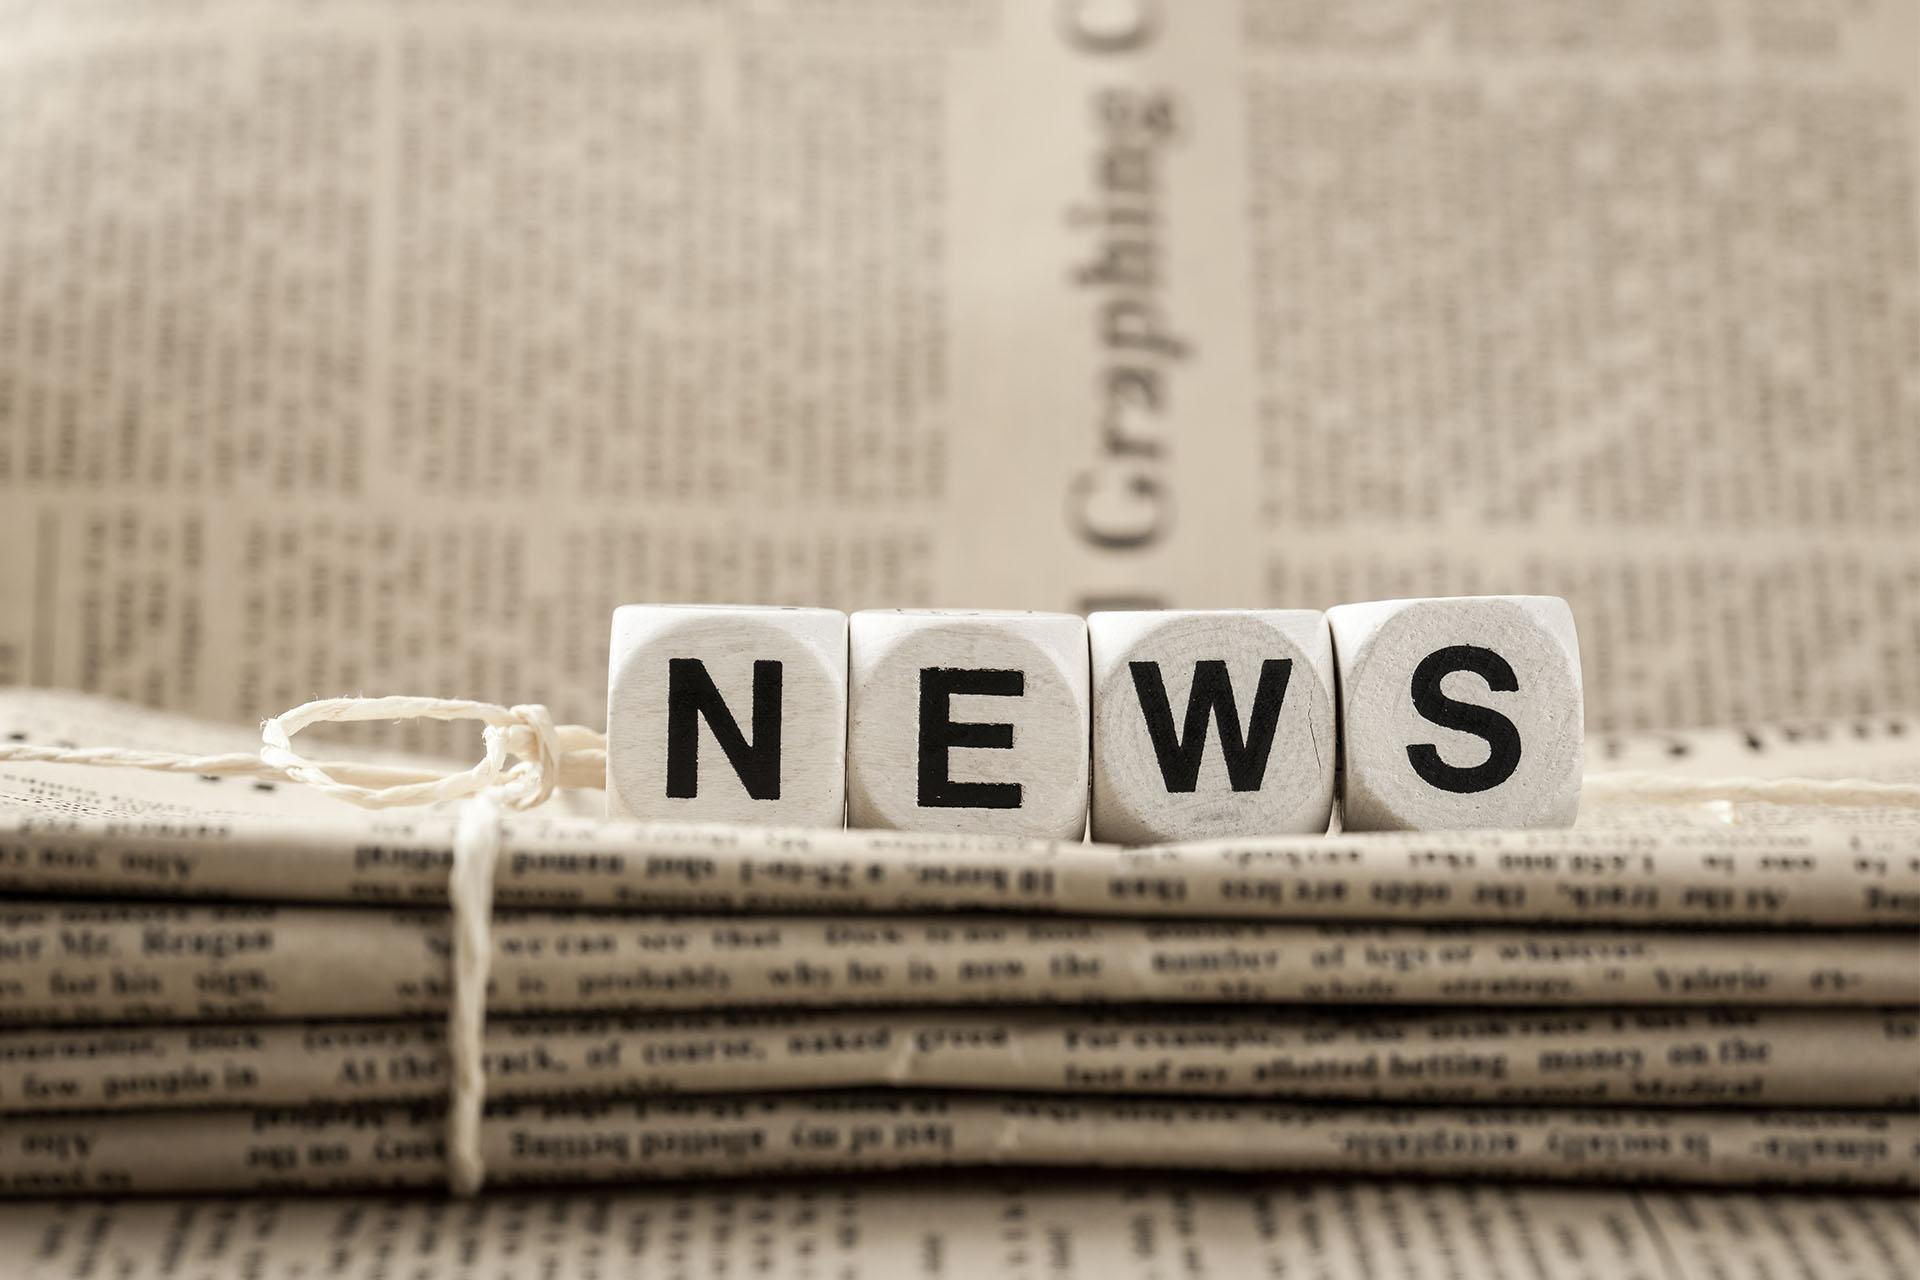 תמונת אילוסטרציה - עיתונים והכיתוב news בקוביות משחק